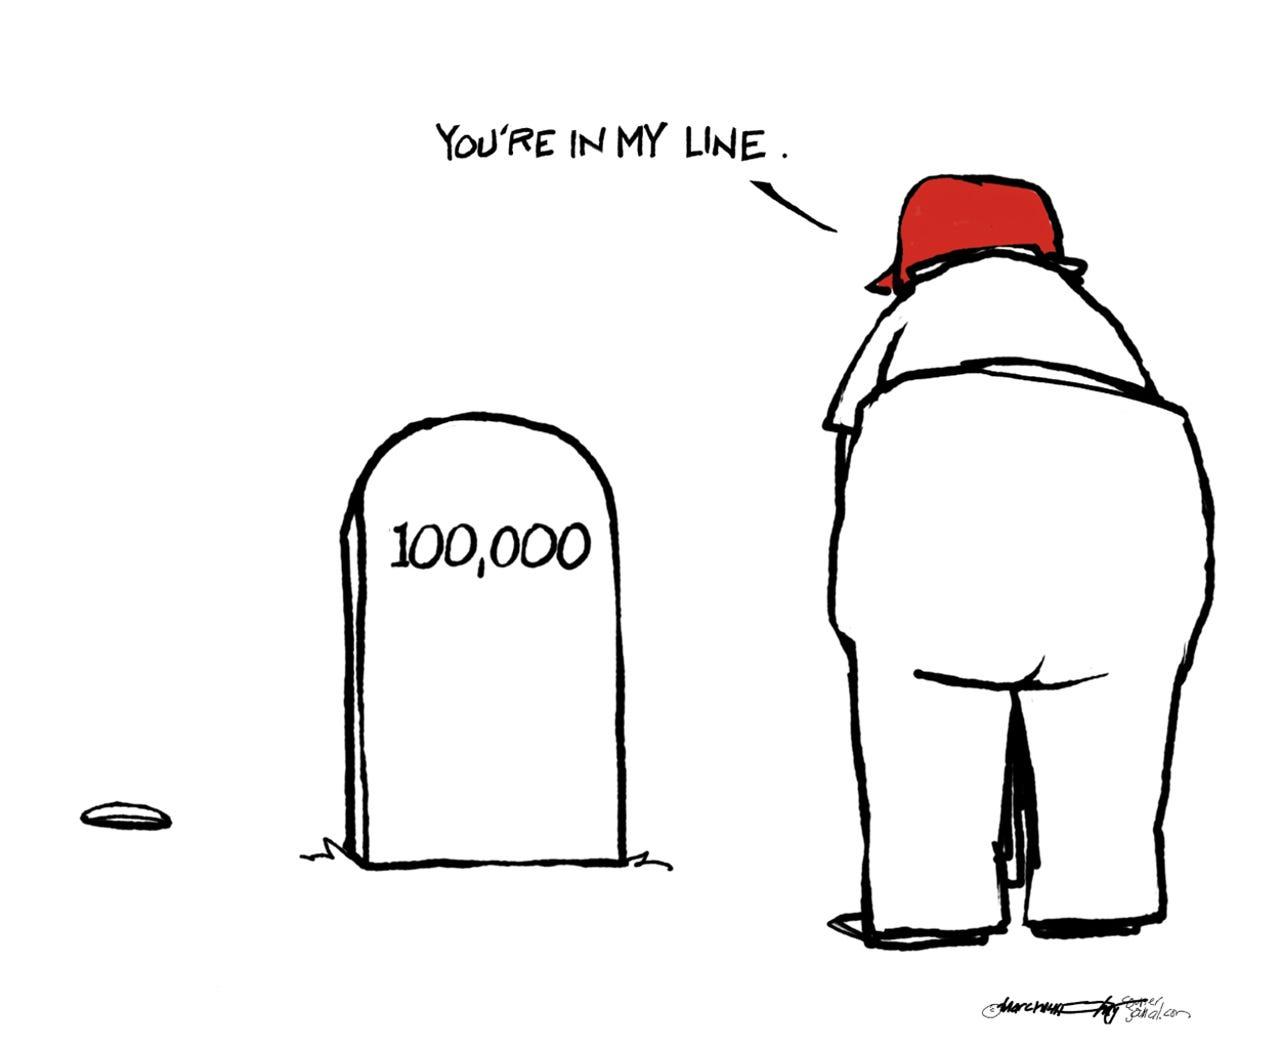 Political cartoons - the 'funny' pics thread.-1a715e0b-46ca-40a5-a127-0a1f4ba9670b-murphy_trump_web